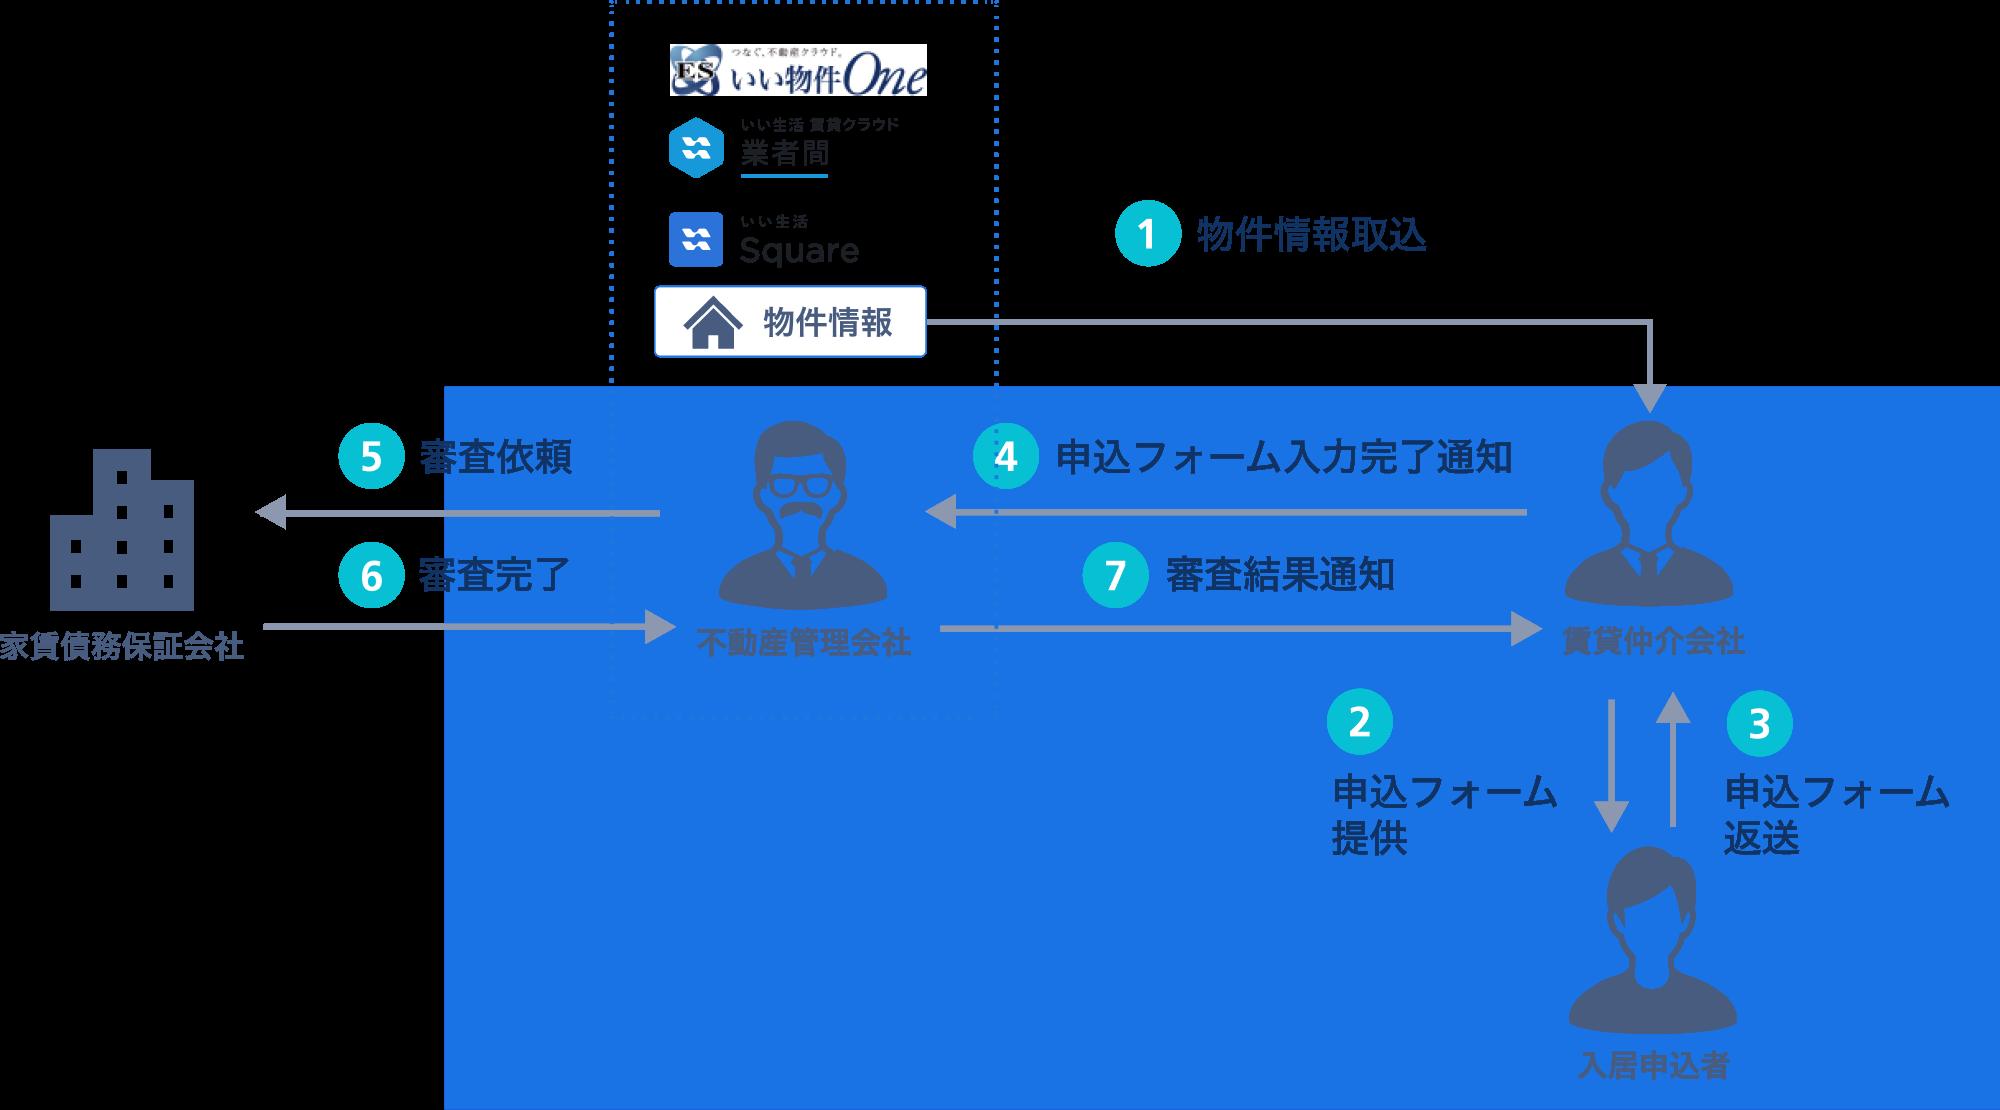 遠州鉄道がいい生活の入居申込Webシステム「Sumai Entry」を利用開始!